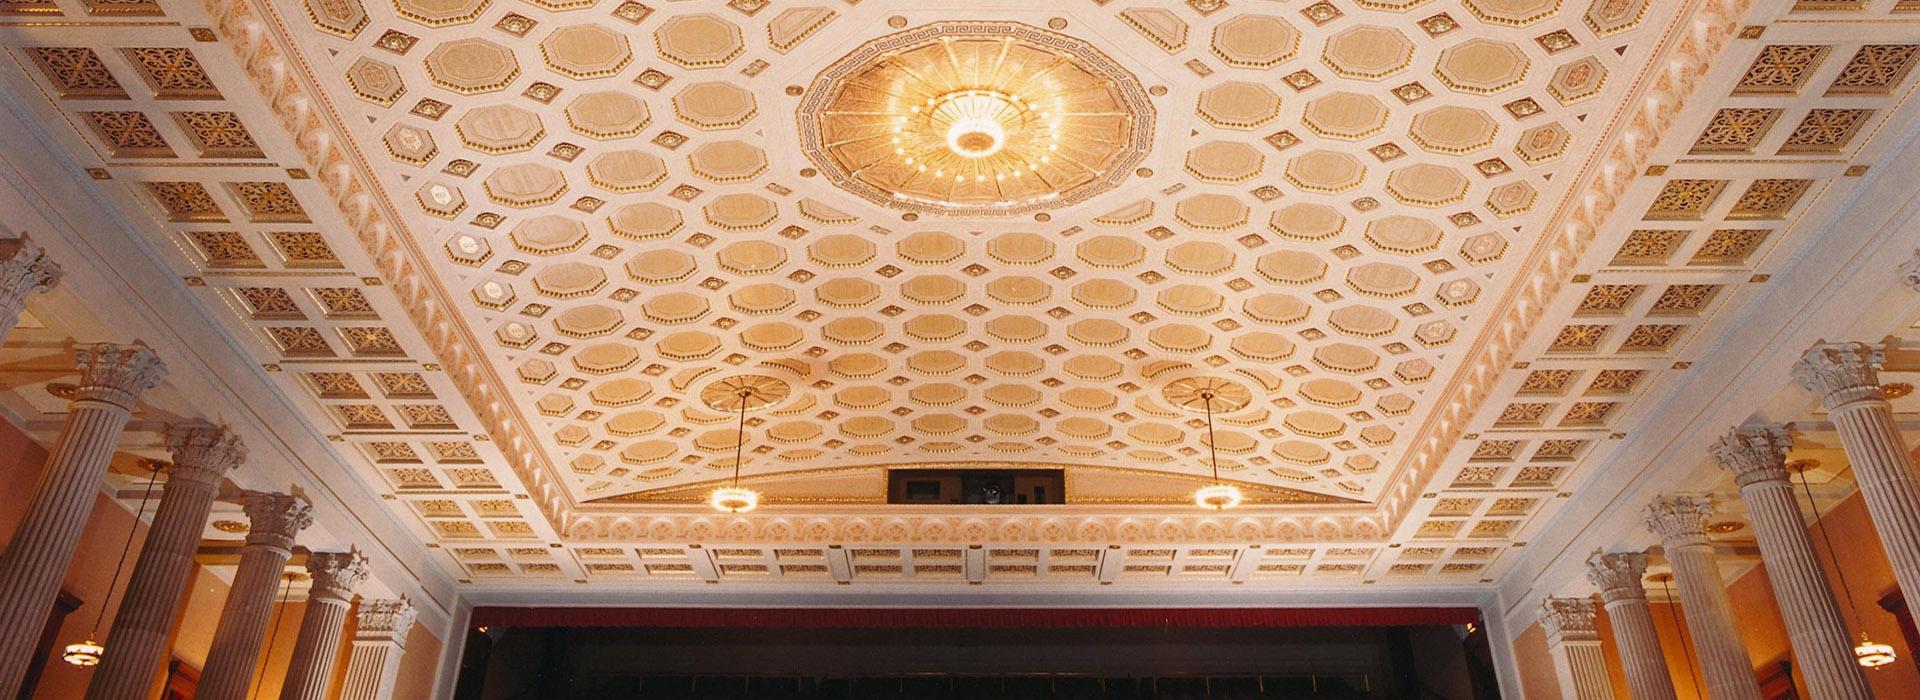 Stambaugh-Auditorium-n-crop-1920x700